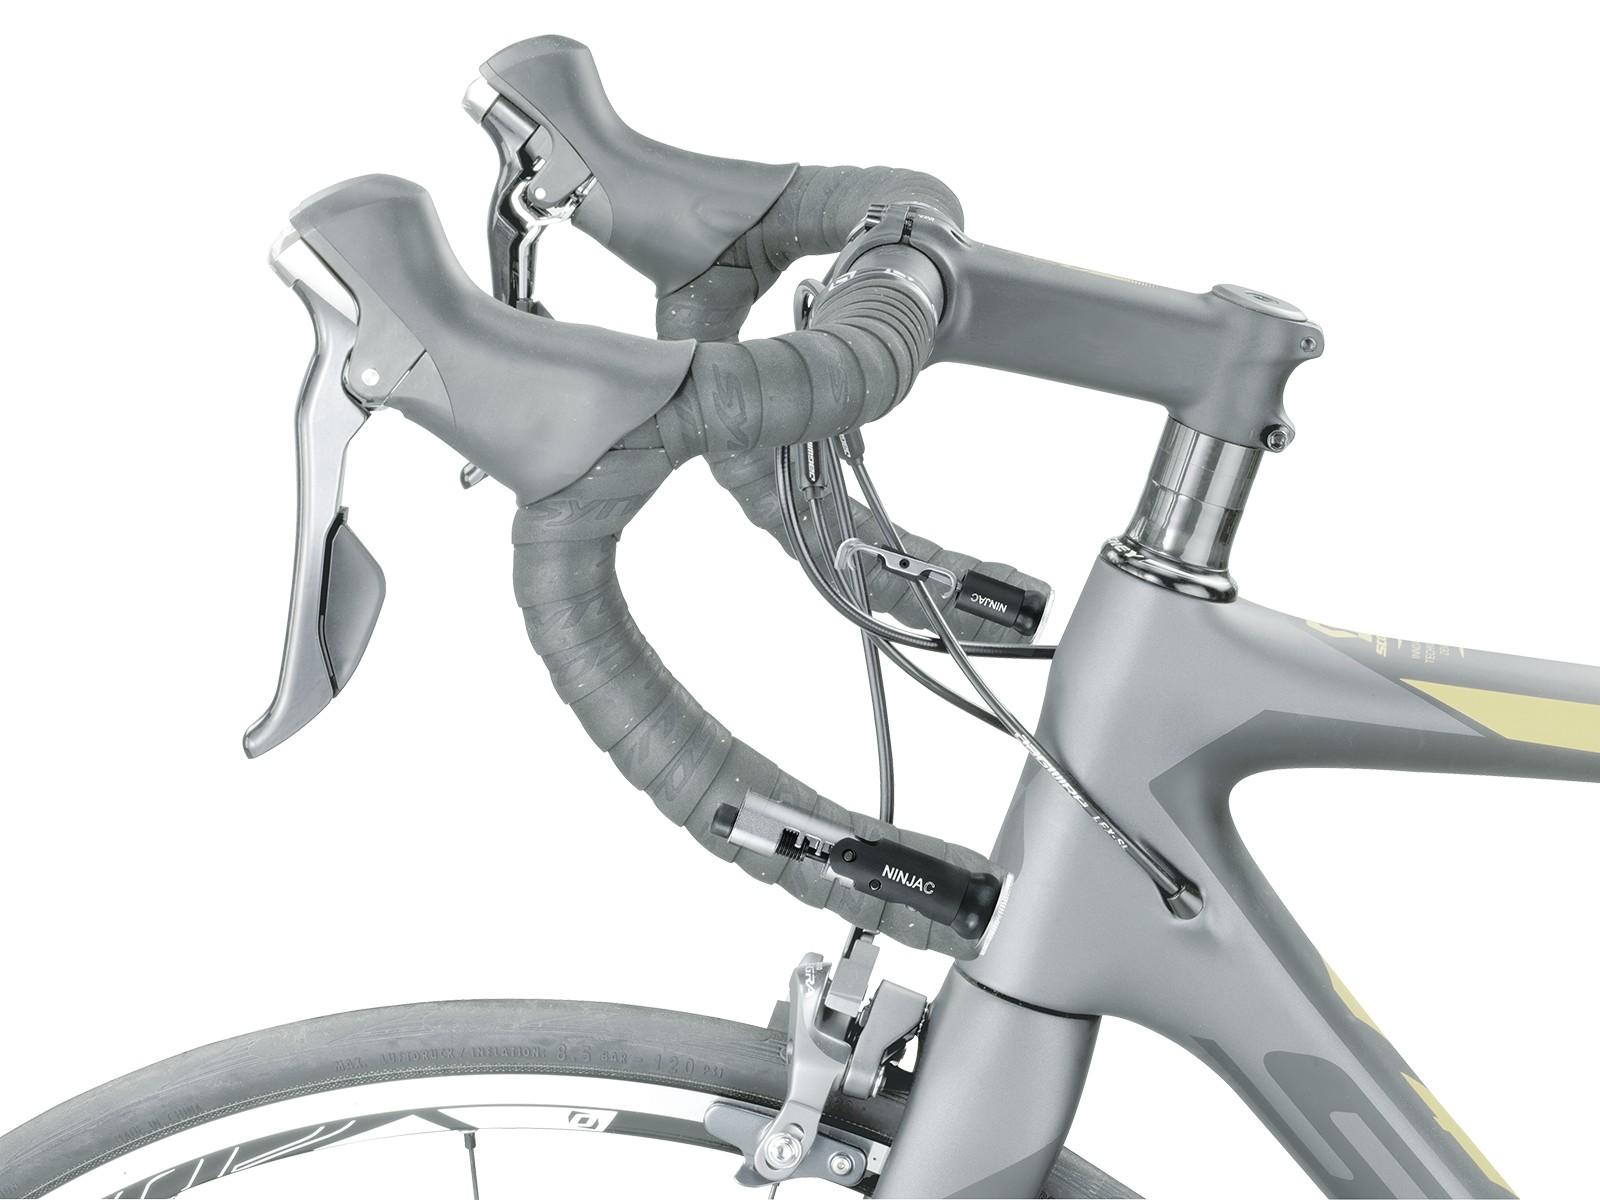 Topeak Ninja C dimasukkan pada stang sepeda balap